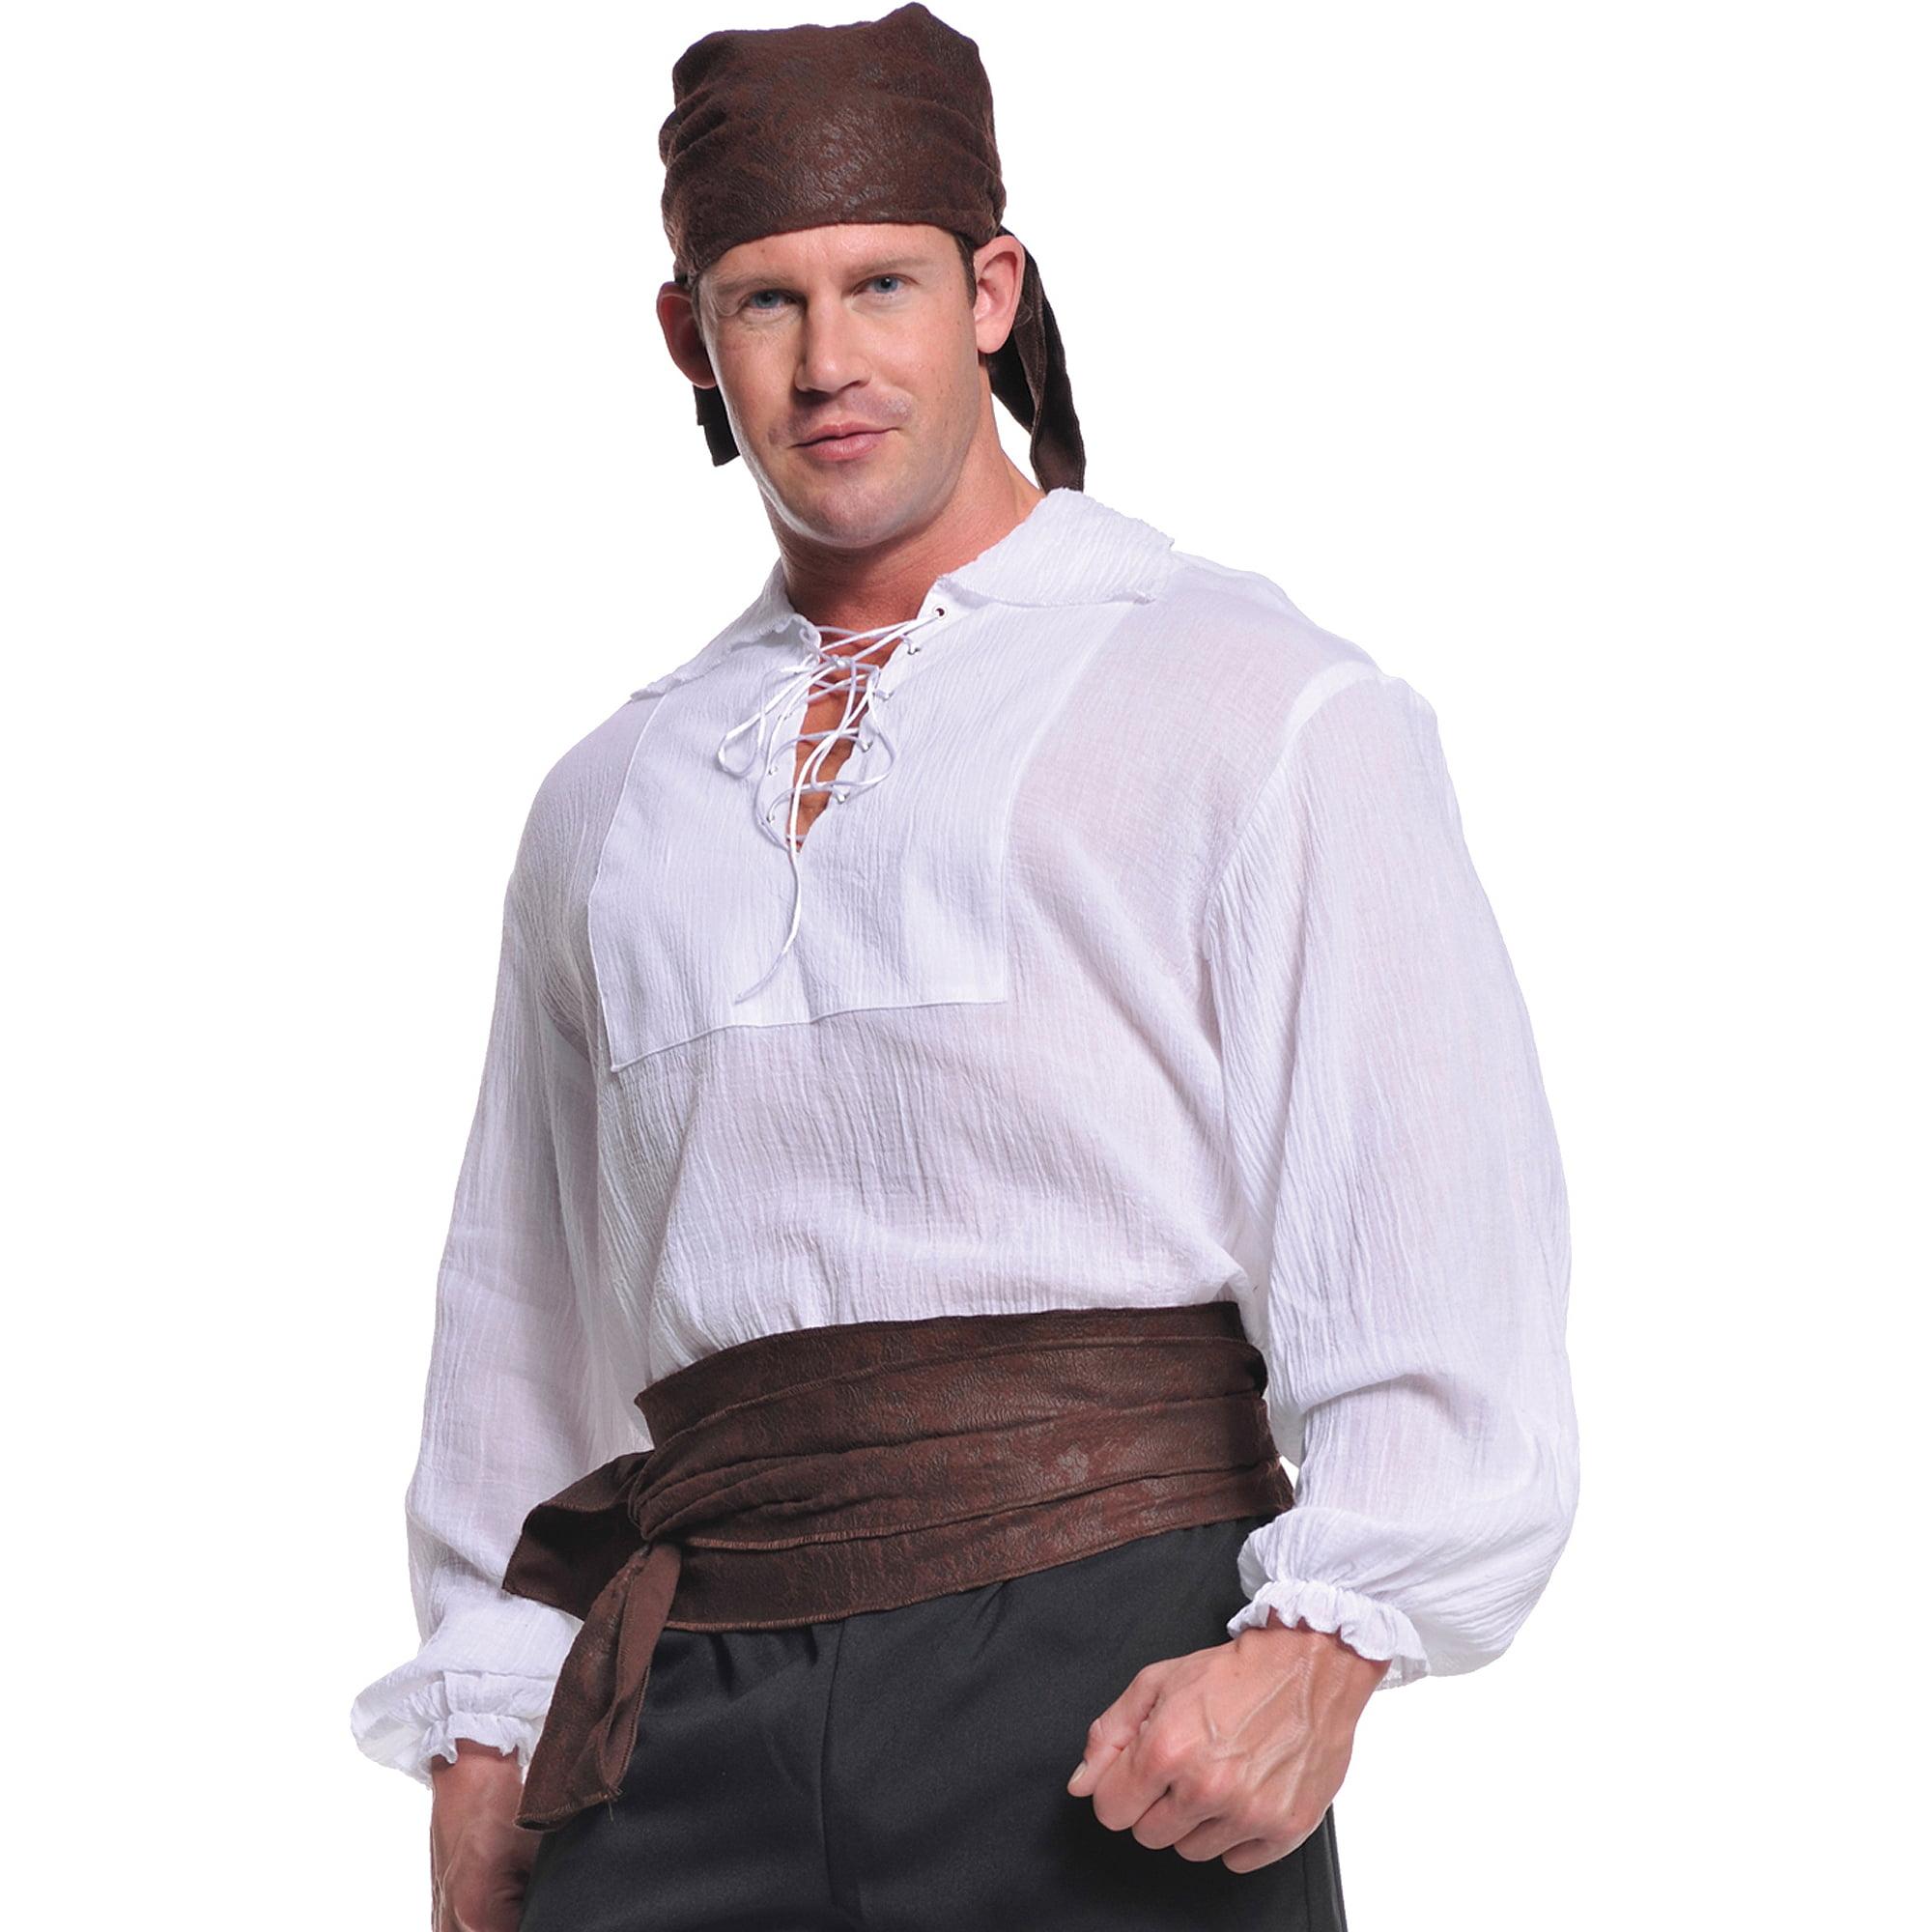 Cream Pirate Shirt Adult Halloween Costume